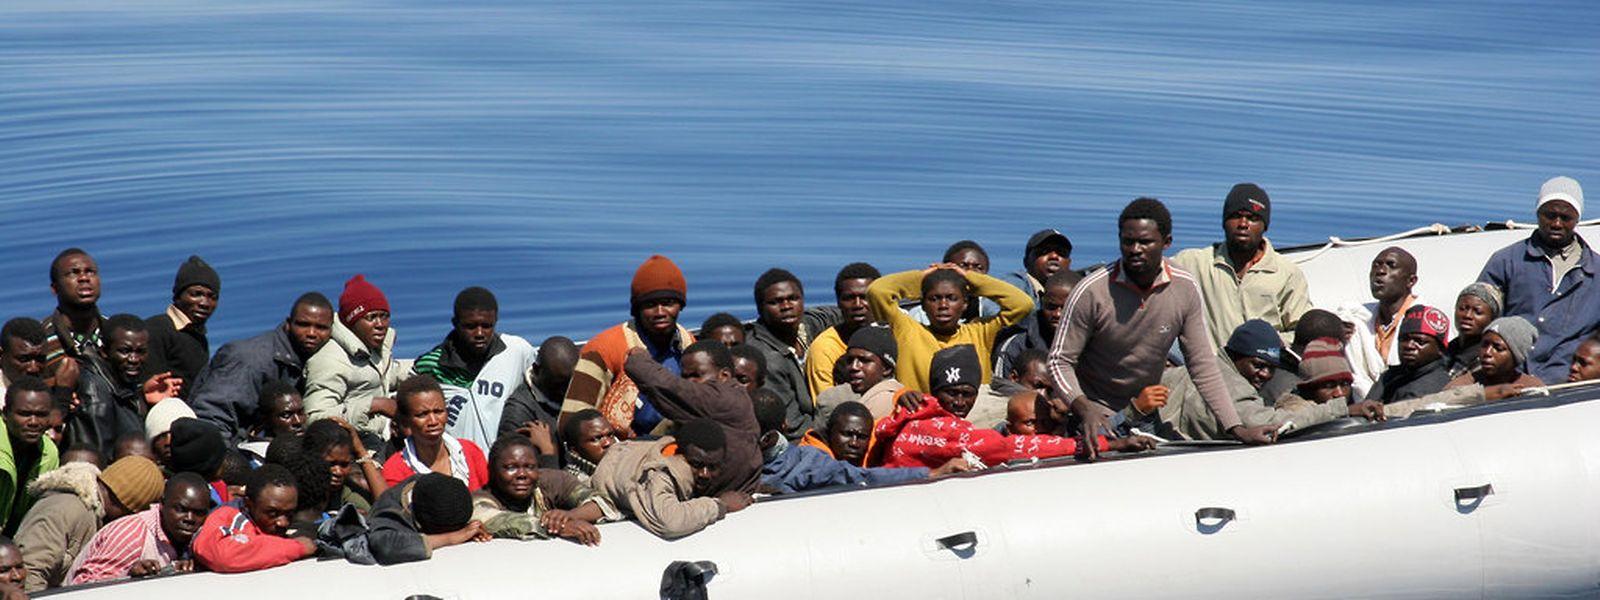 Immer wieder ertrinken Flüchtlinge bei ihrer Überfahrt durch das Mittelmeer.